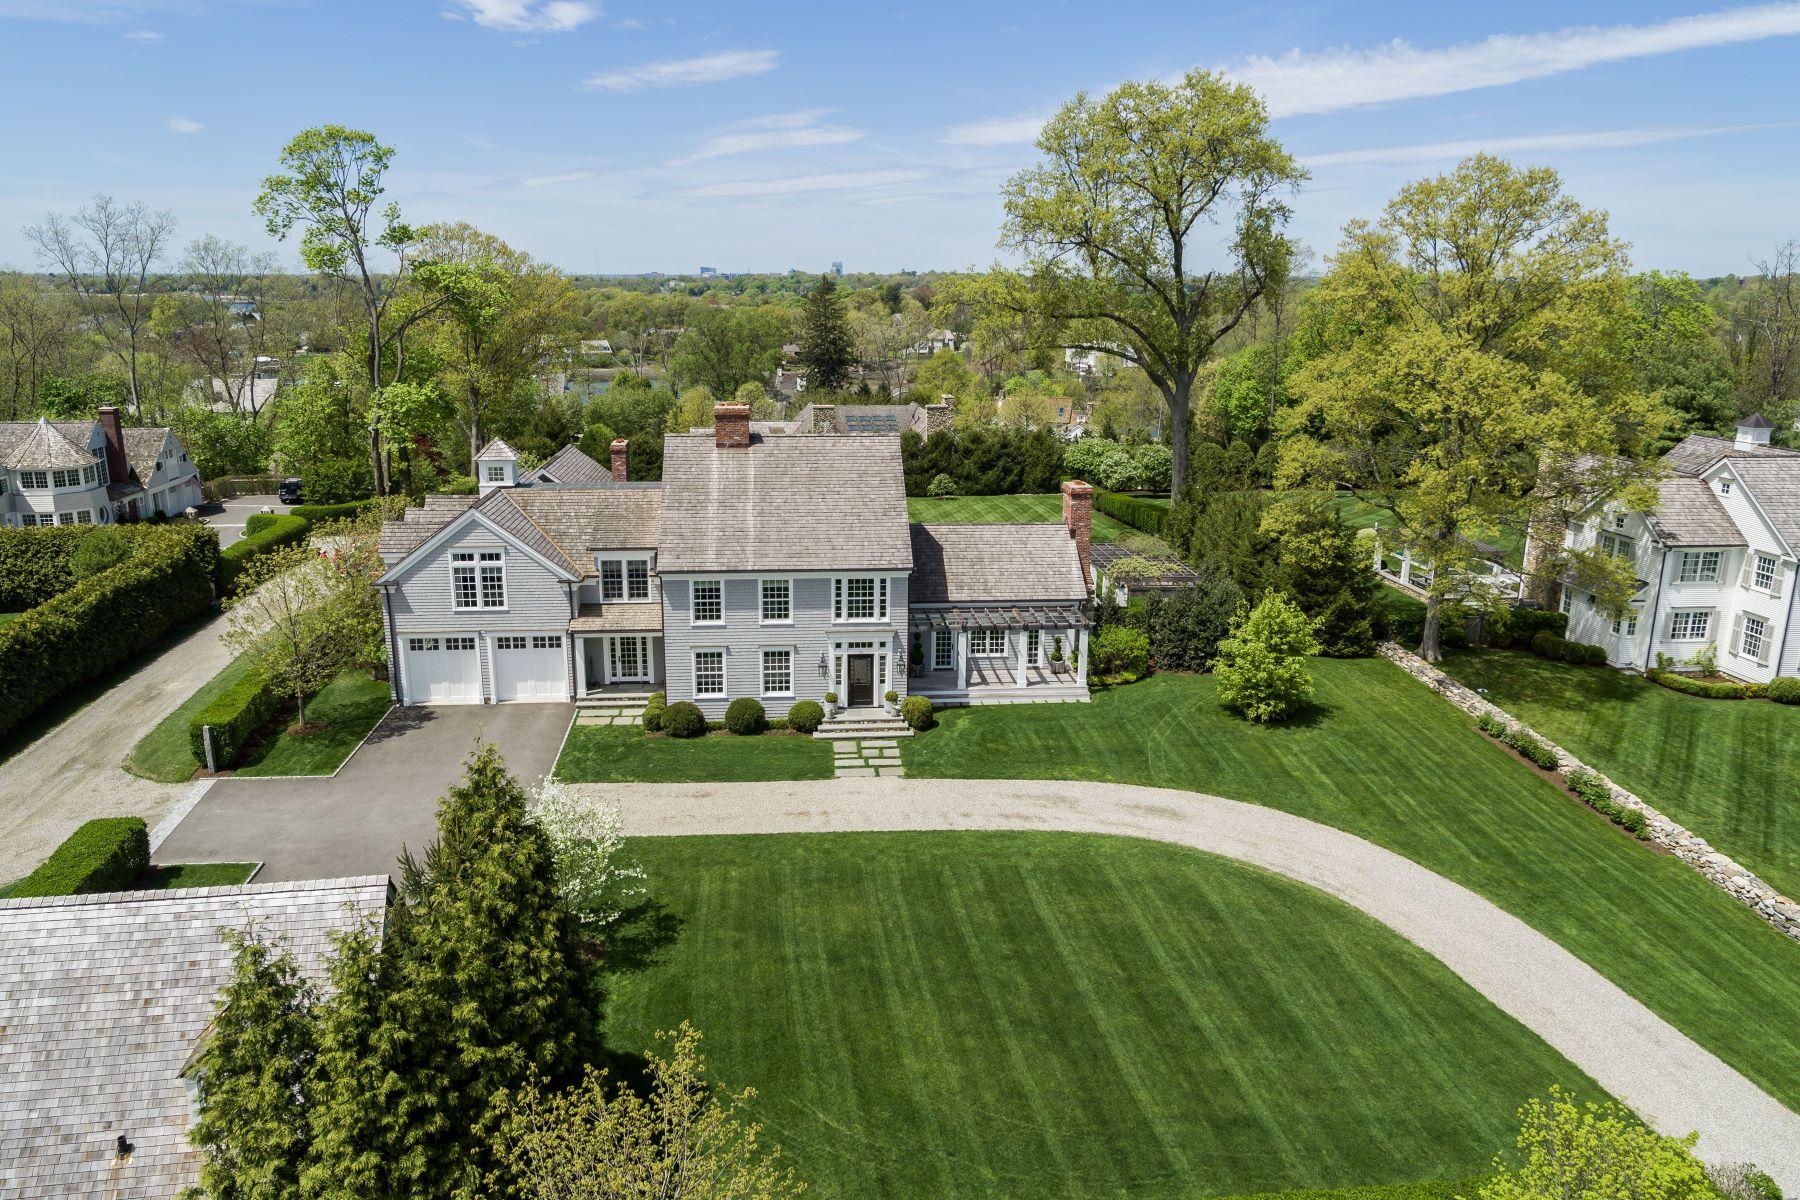 Maison unifamiliale pour l Vente à 90 Long Neck Point Road 90 Long Neck Point Road Darien, Connecticut 06820 États-Unis